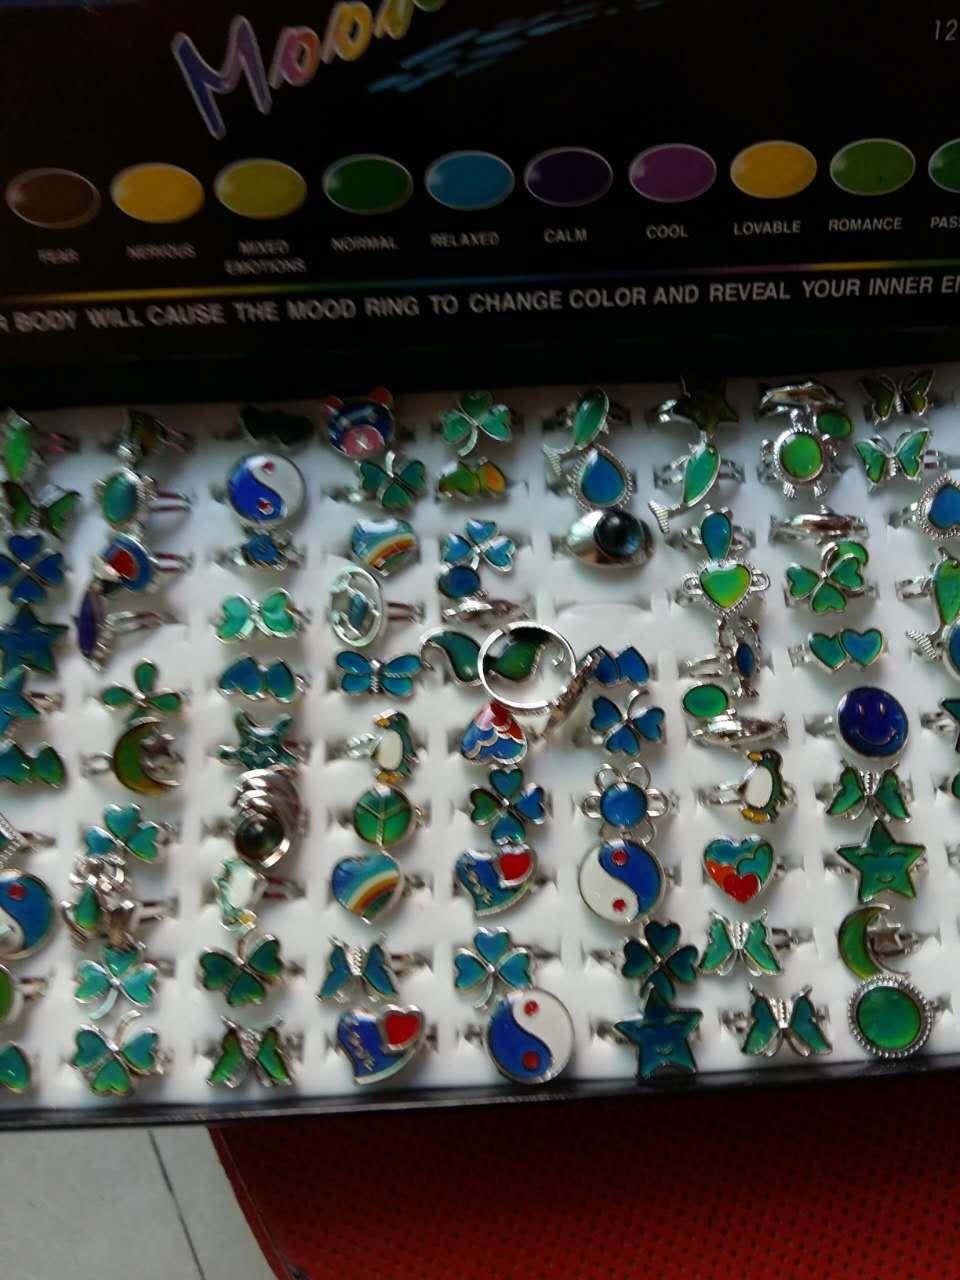 Disegno misto mood anello aperto delfini anello cuori farfalla aragosta volto sorridente chang anello di colore-in Anelli da Gioielli e accessori su  Gruppo 1